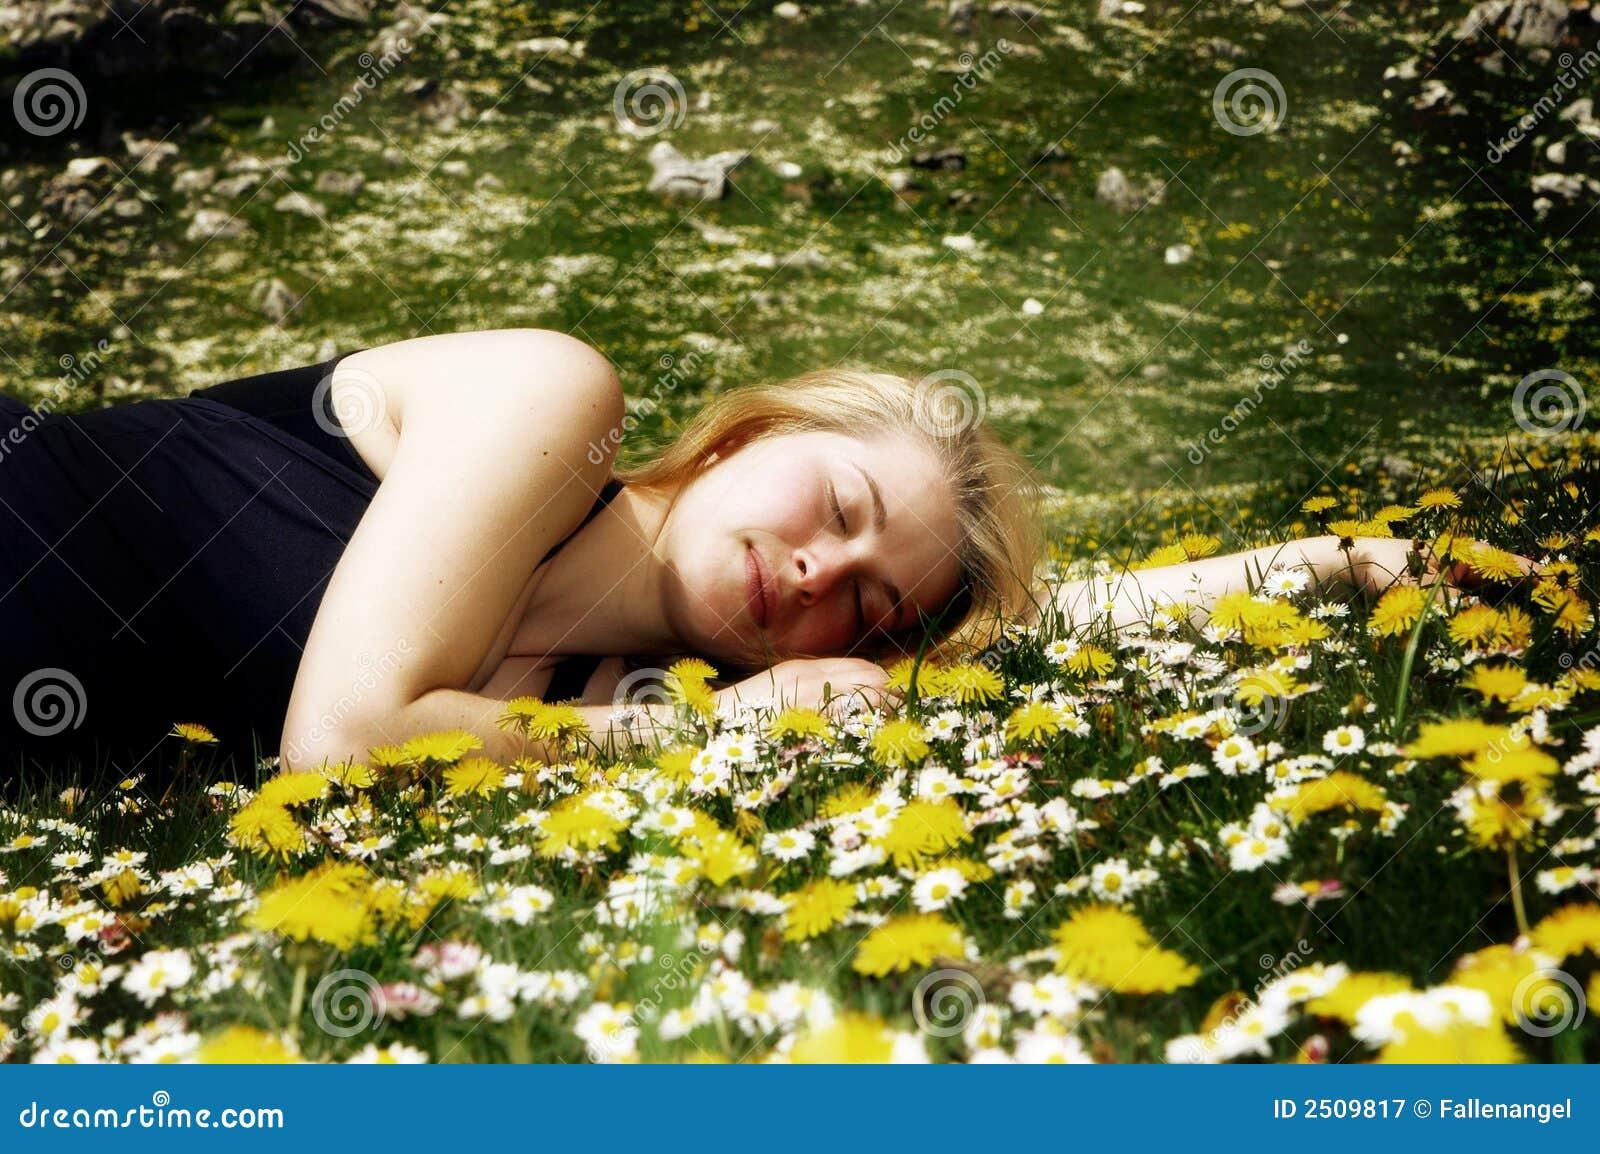 imagens jardim de rosas:Jardim De Flores Fotografia de Stock Royalty Free – Imagem: 2509817